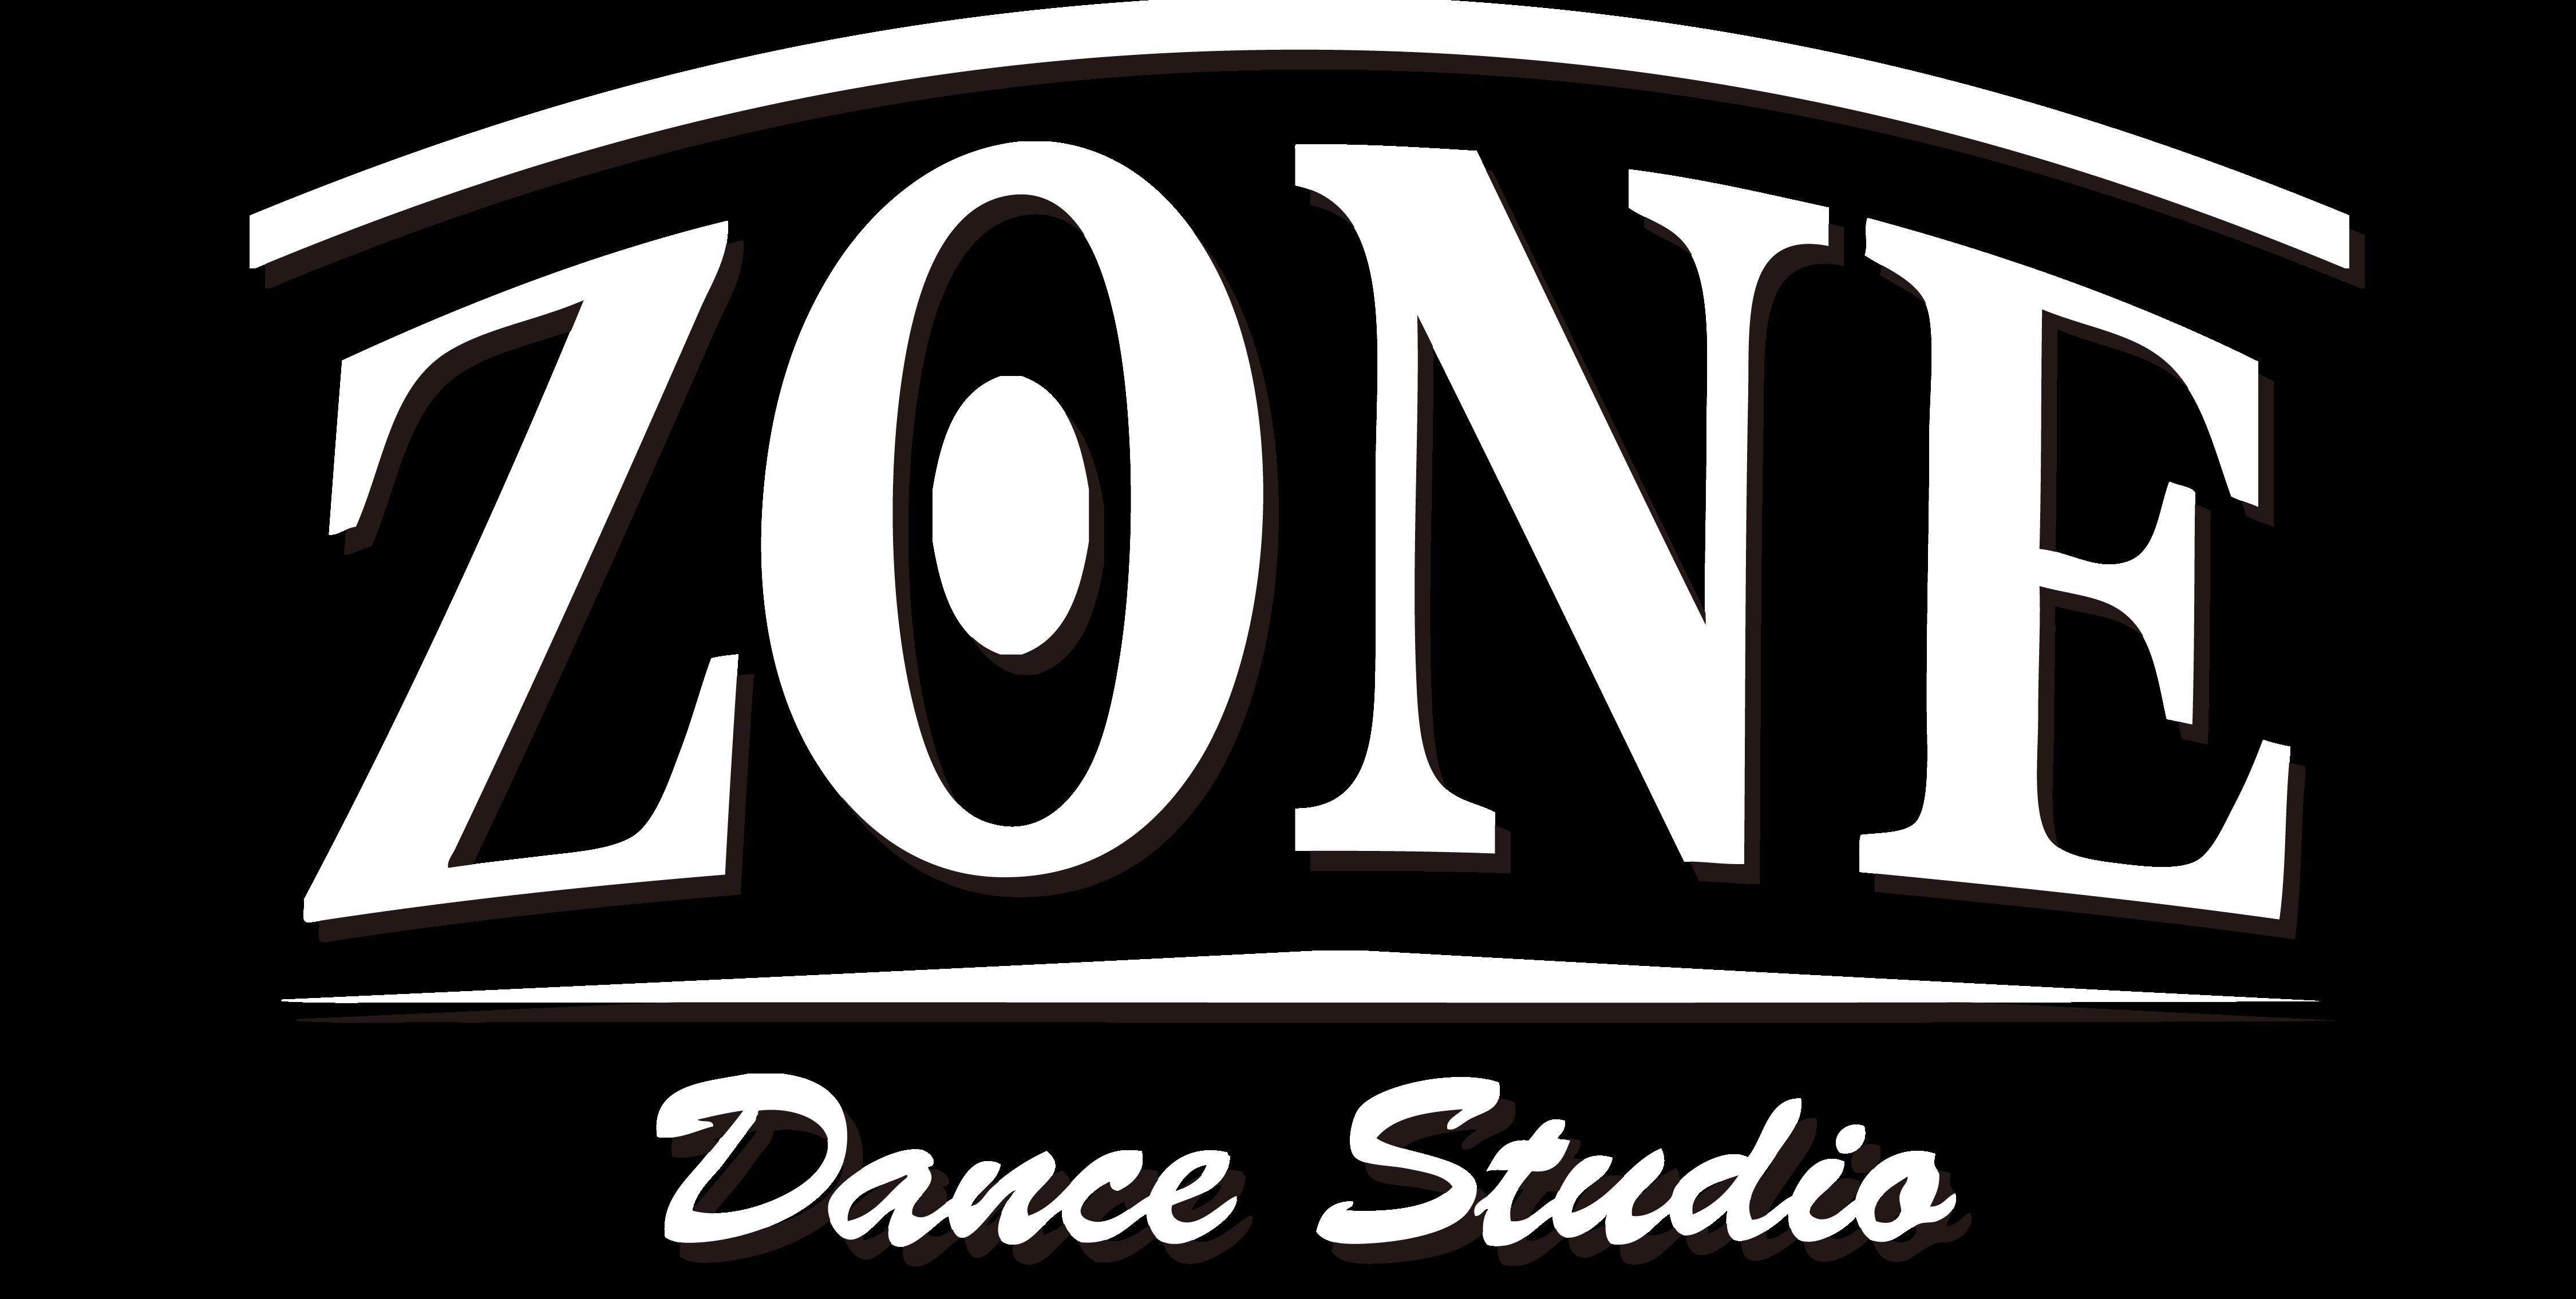 Dance Studio ZONE | 奈良・新大宮駅すぐのダンススタジオ